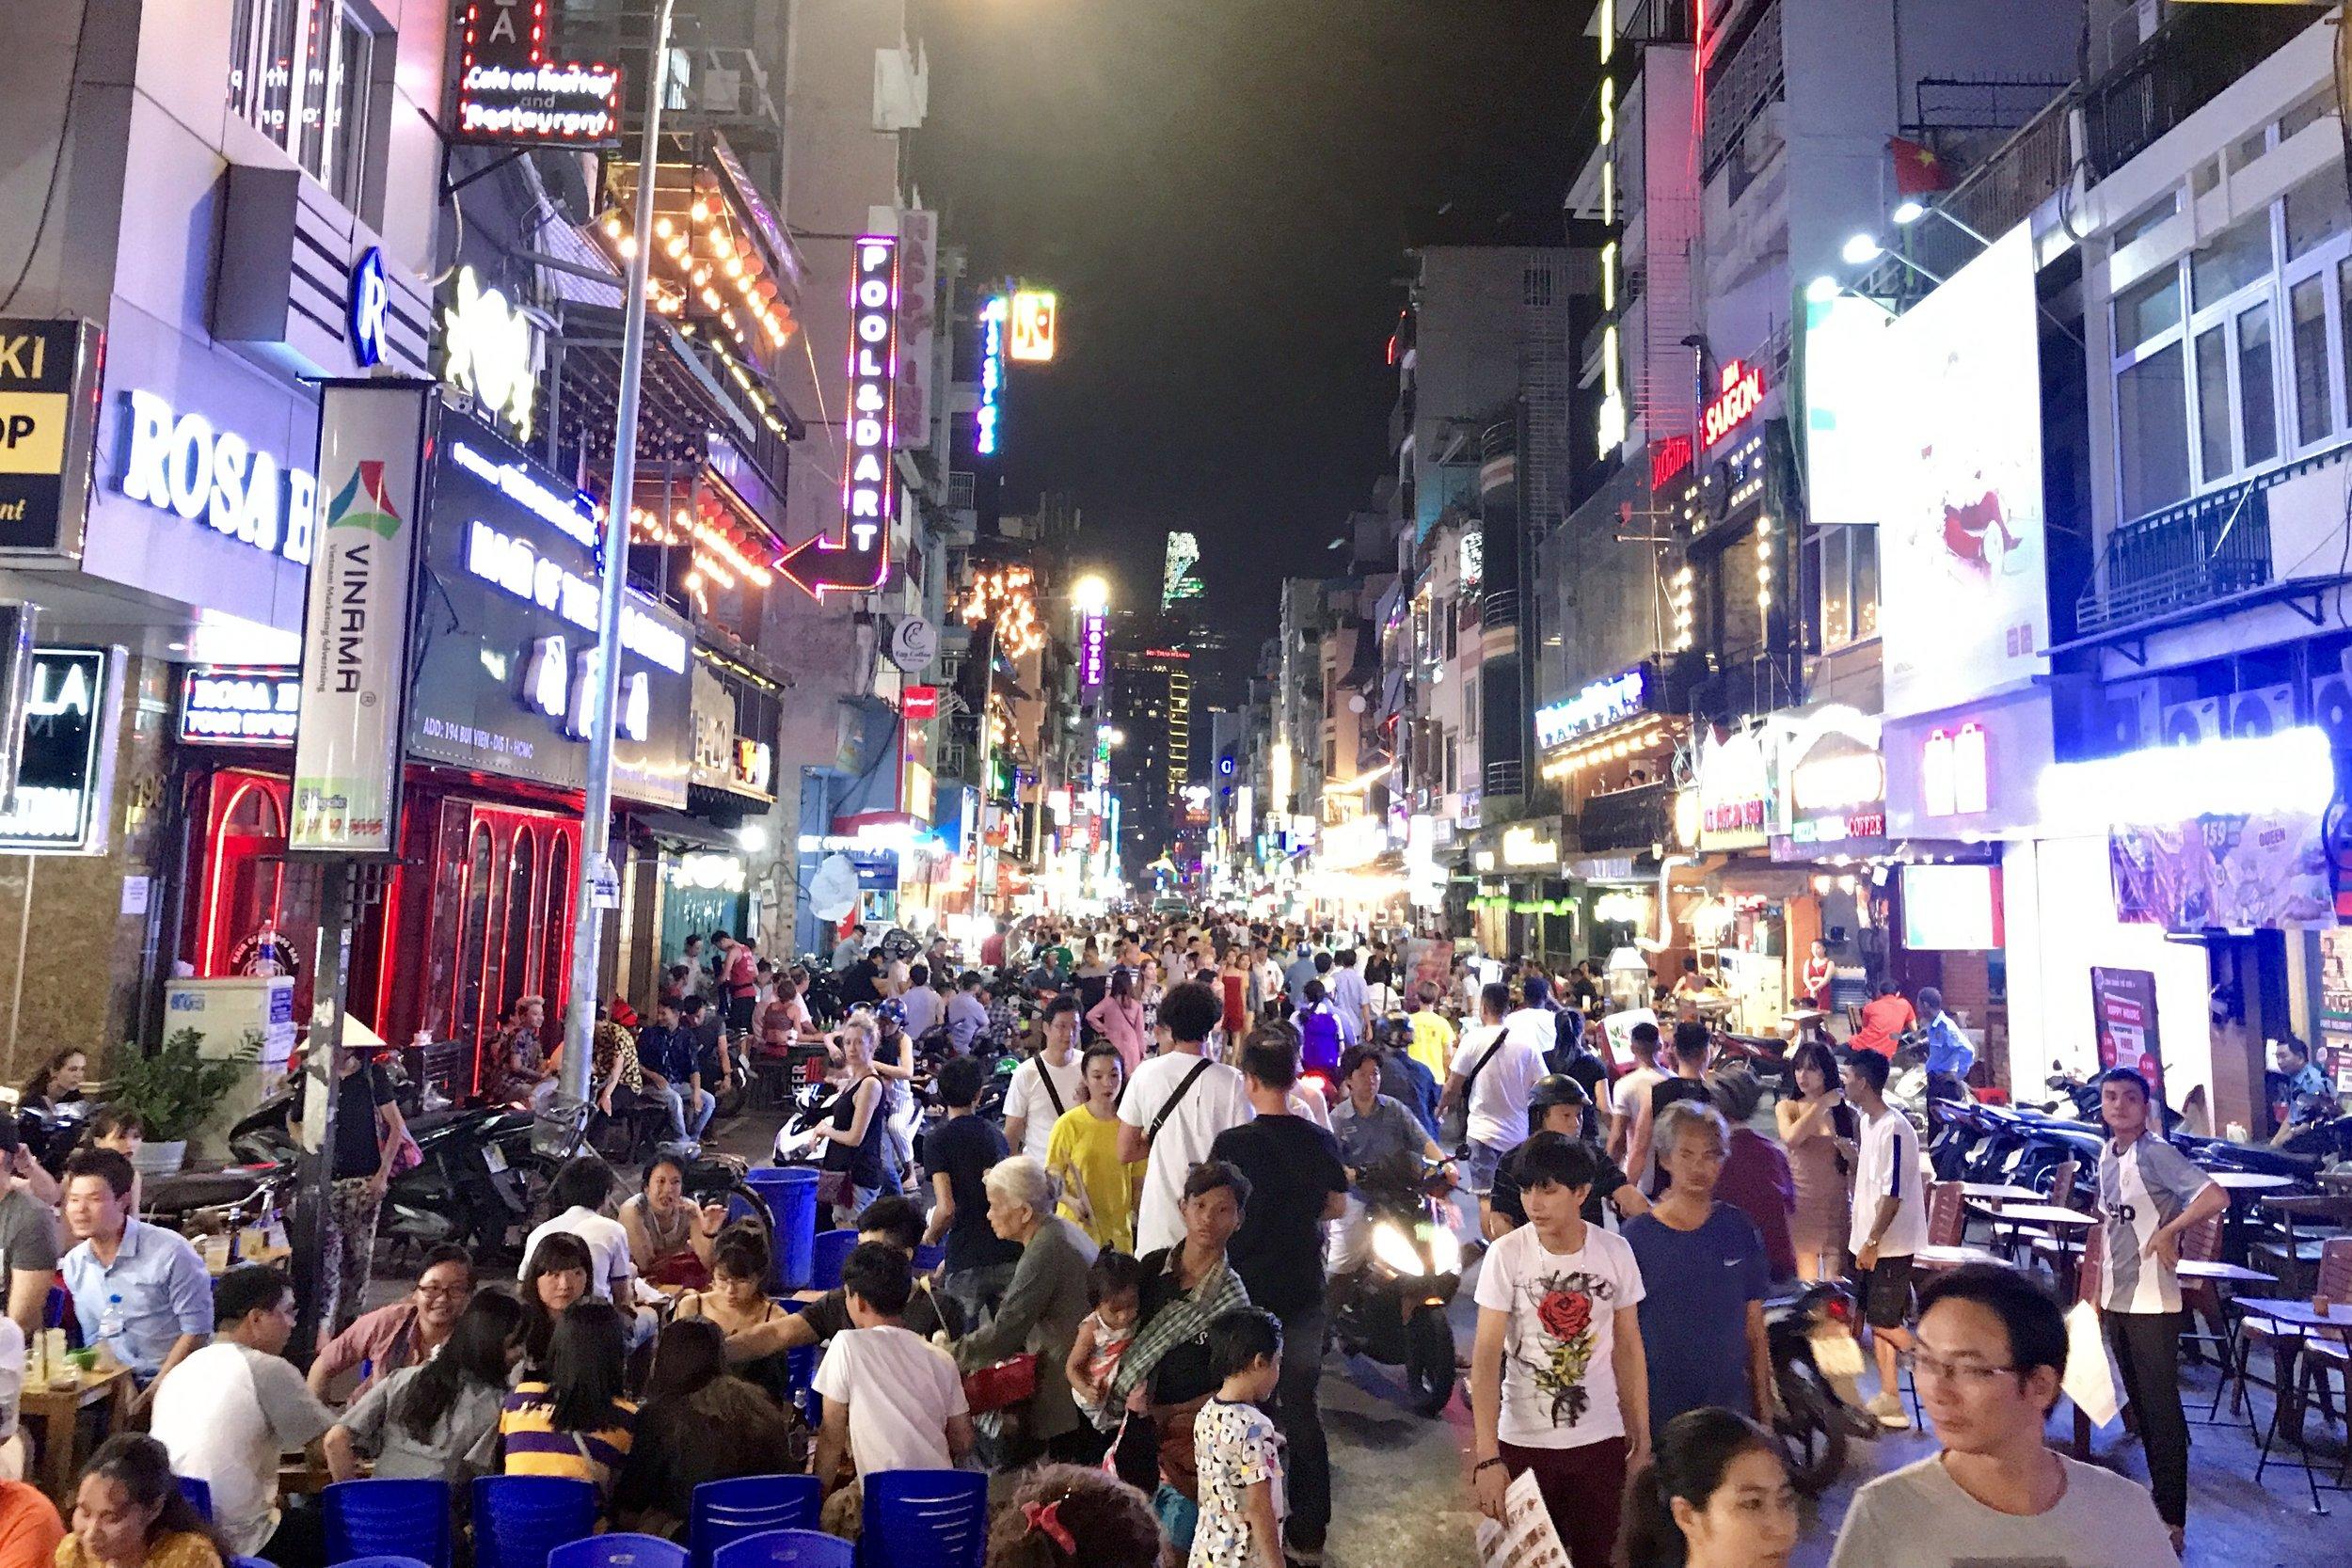 Bùi Viện street, crazy at night